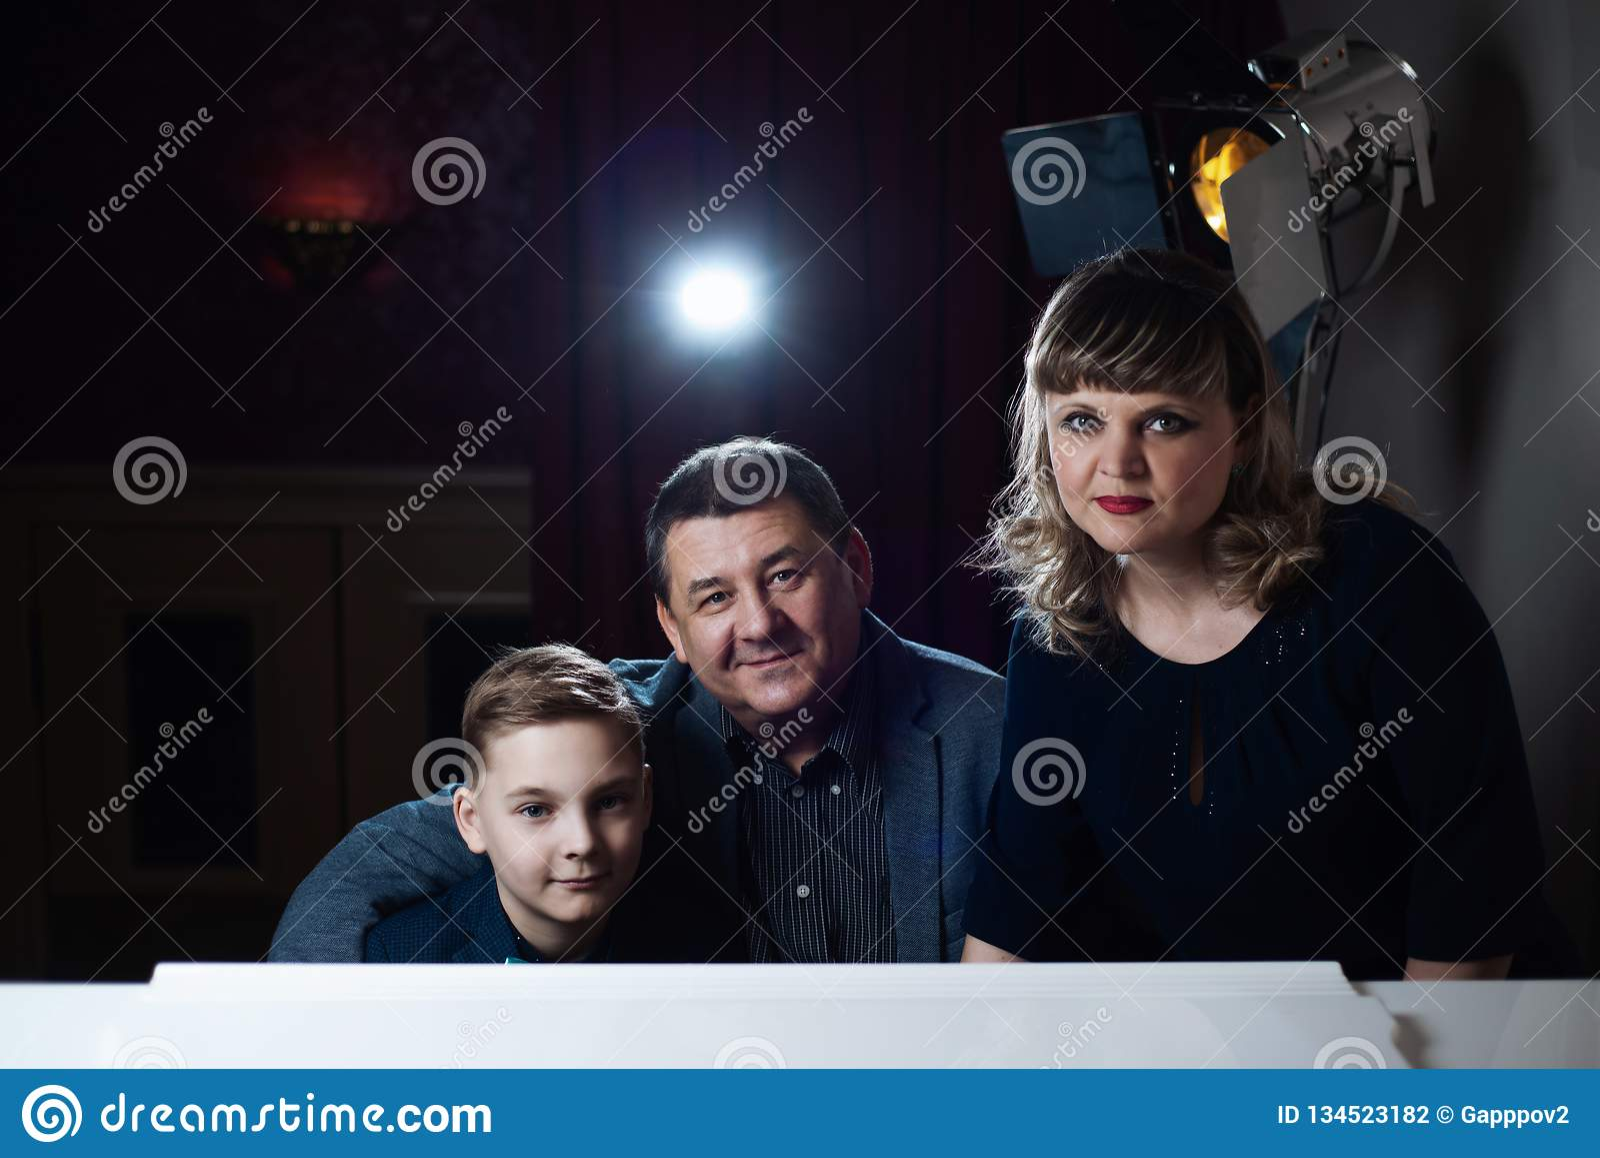 Οικογενειακό παιχνίδι στο πιάνο Ο πατέρας και η μητέρα διδάσκουν το γιο για να παίξουν ένα μουσικό όργανο